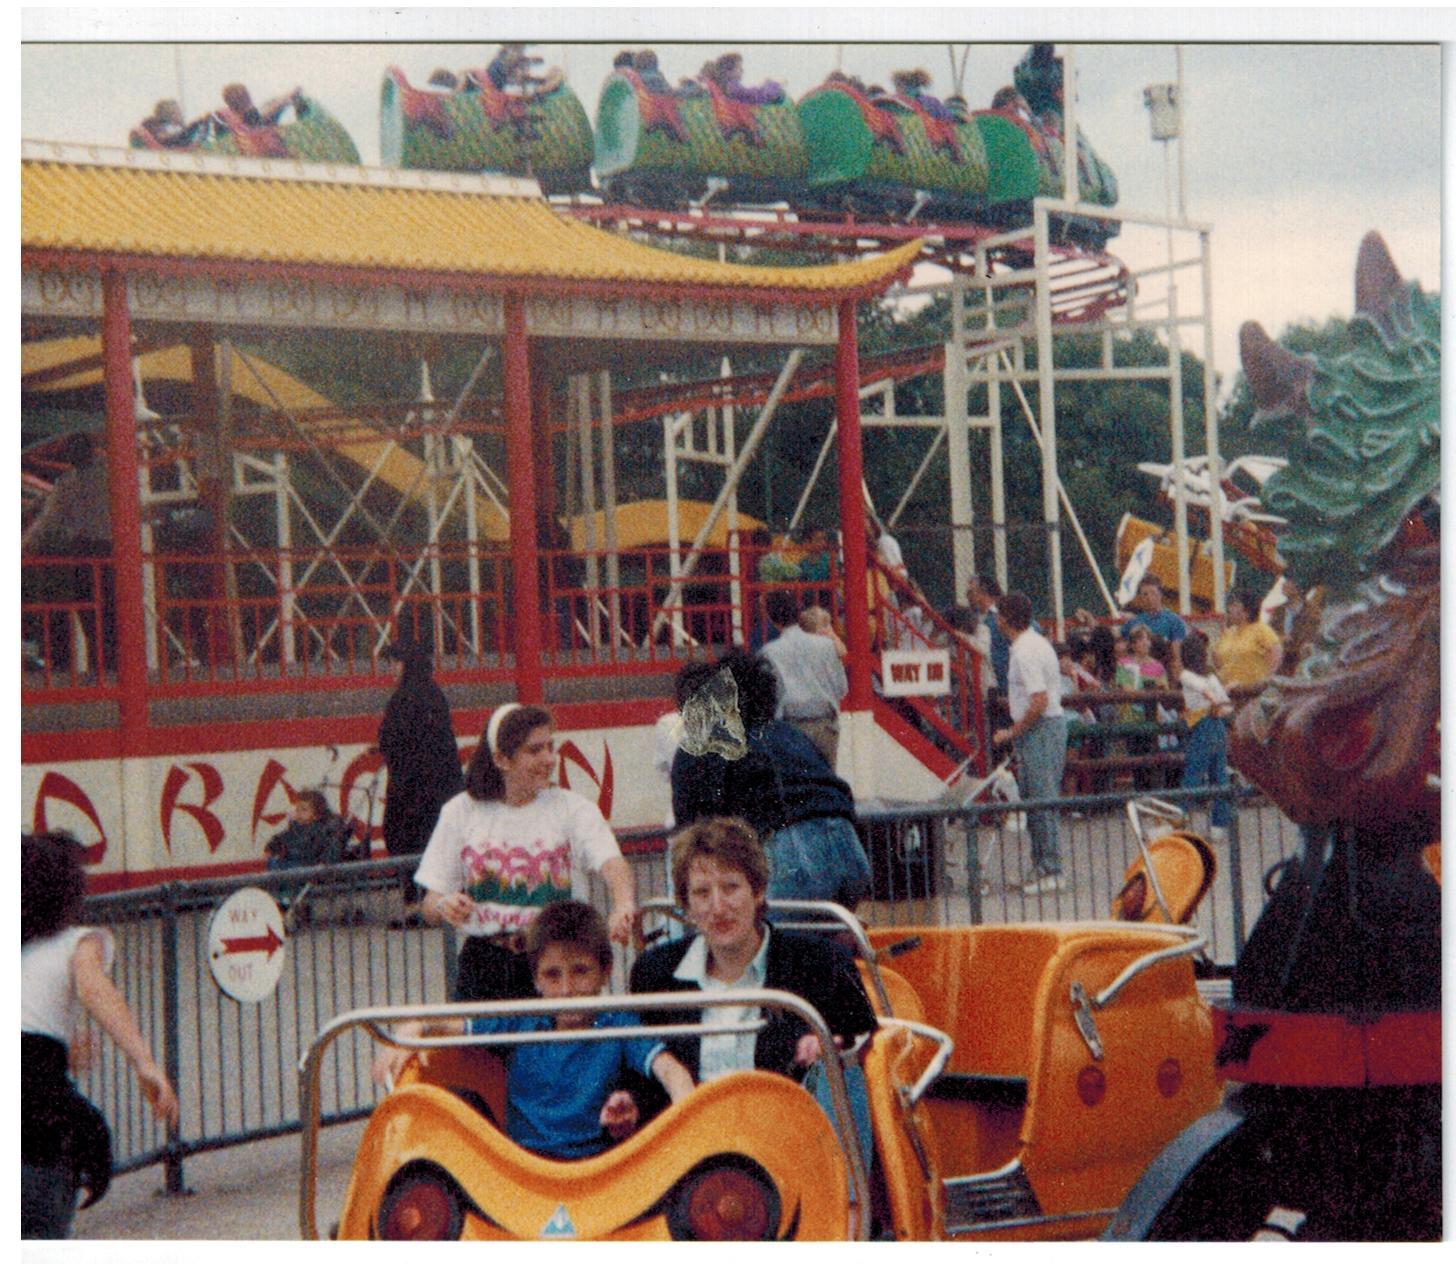 F337_Drayton-Manor[1990]